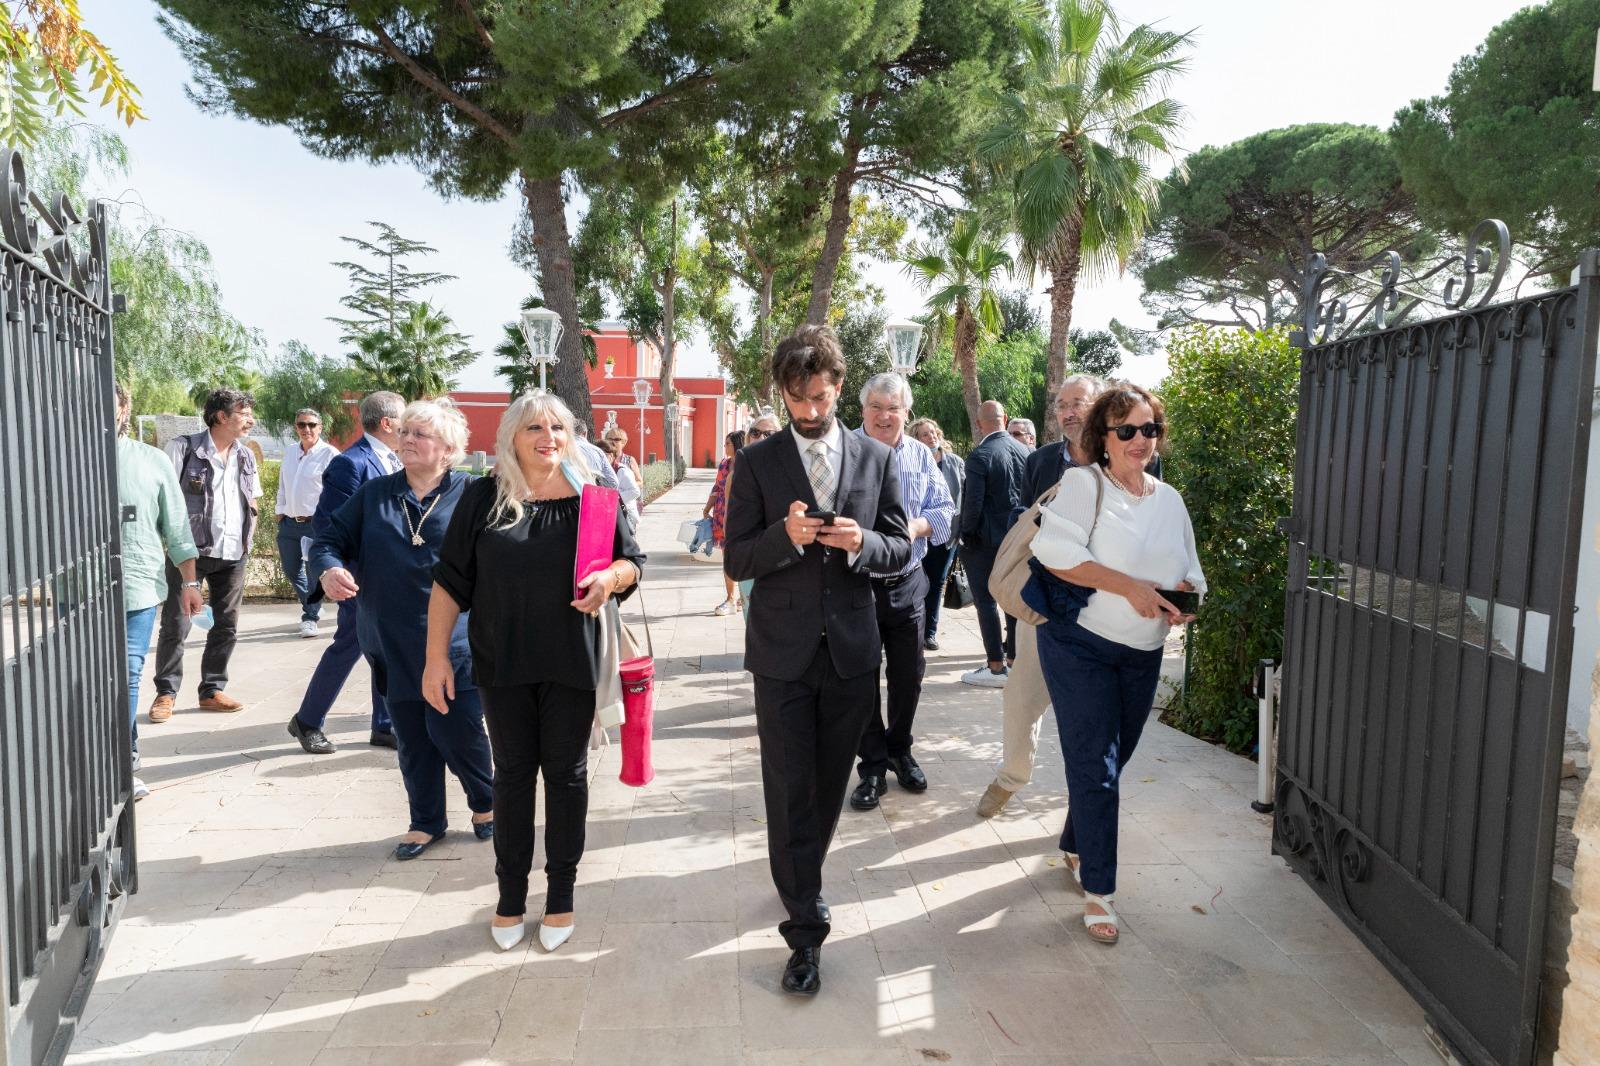 Unesco, Regia Domus Borgo Sette Torri all'insegna delle Giornate Europee del Patrimonio in Puglia